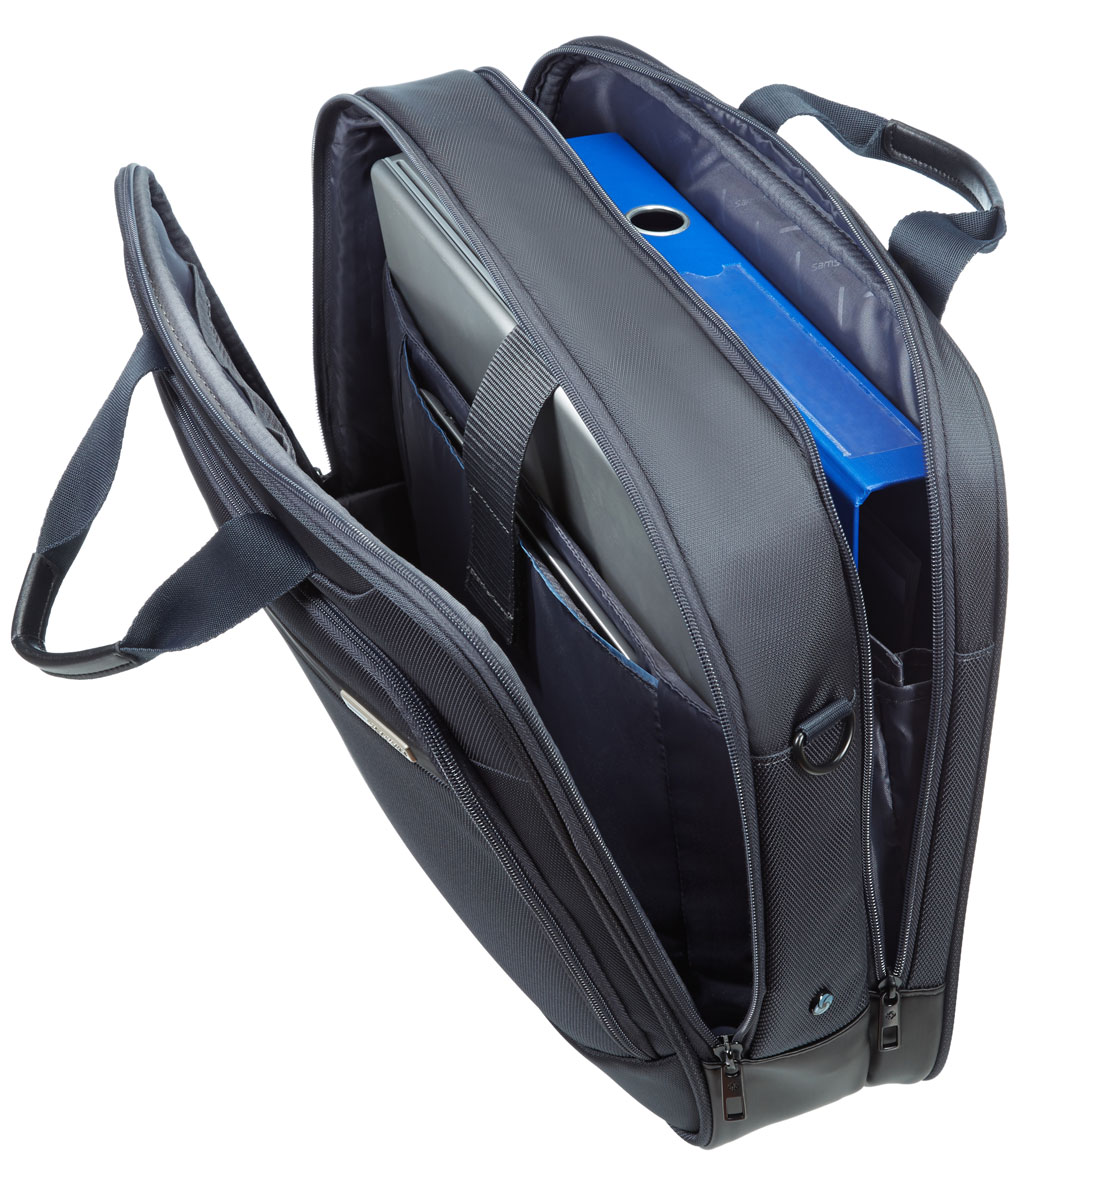 Сумка для ноутбука Samsonite GuardIt , цвет: темно-серый, 43,5 х 33 х 13,5 смКостюм Охотник-Штурм: куртка, брюкиСумка для ноутбука Samsonite GuardIt до 16 - представляет собой оптимальное соотношение цены и качества. Сумка Samsonite GuardIt обеспечивает полную сохранность гаджетов, при этом наличие дополнительных отделений позволяет с максимальным комфортом разместить в них все необходимое, в том числе хрупкие предметы и зарядные устройства.Размер: 43,5 х 33 х 13,5 см Объем: 19 л.